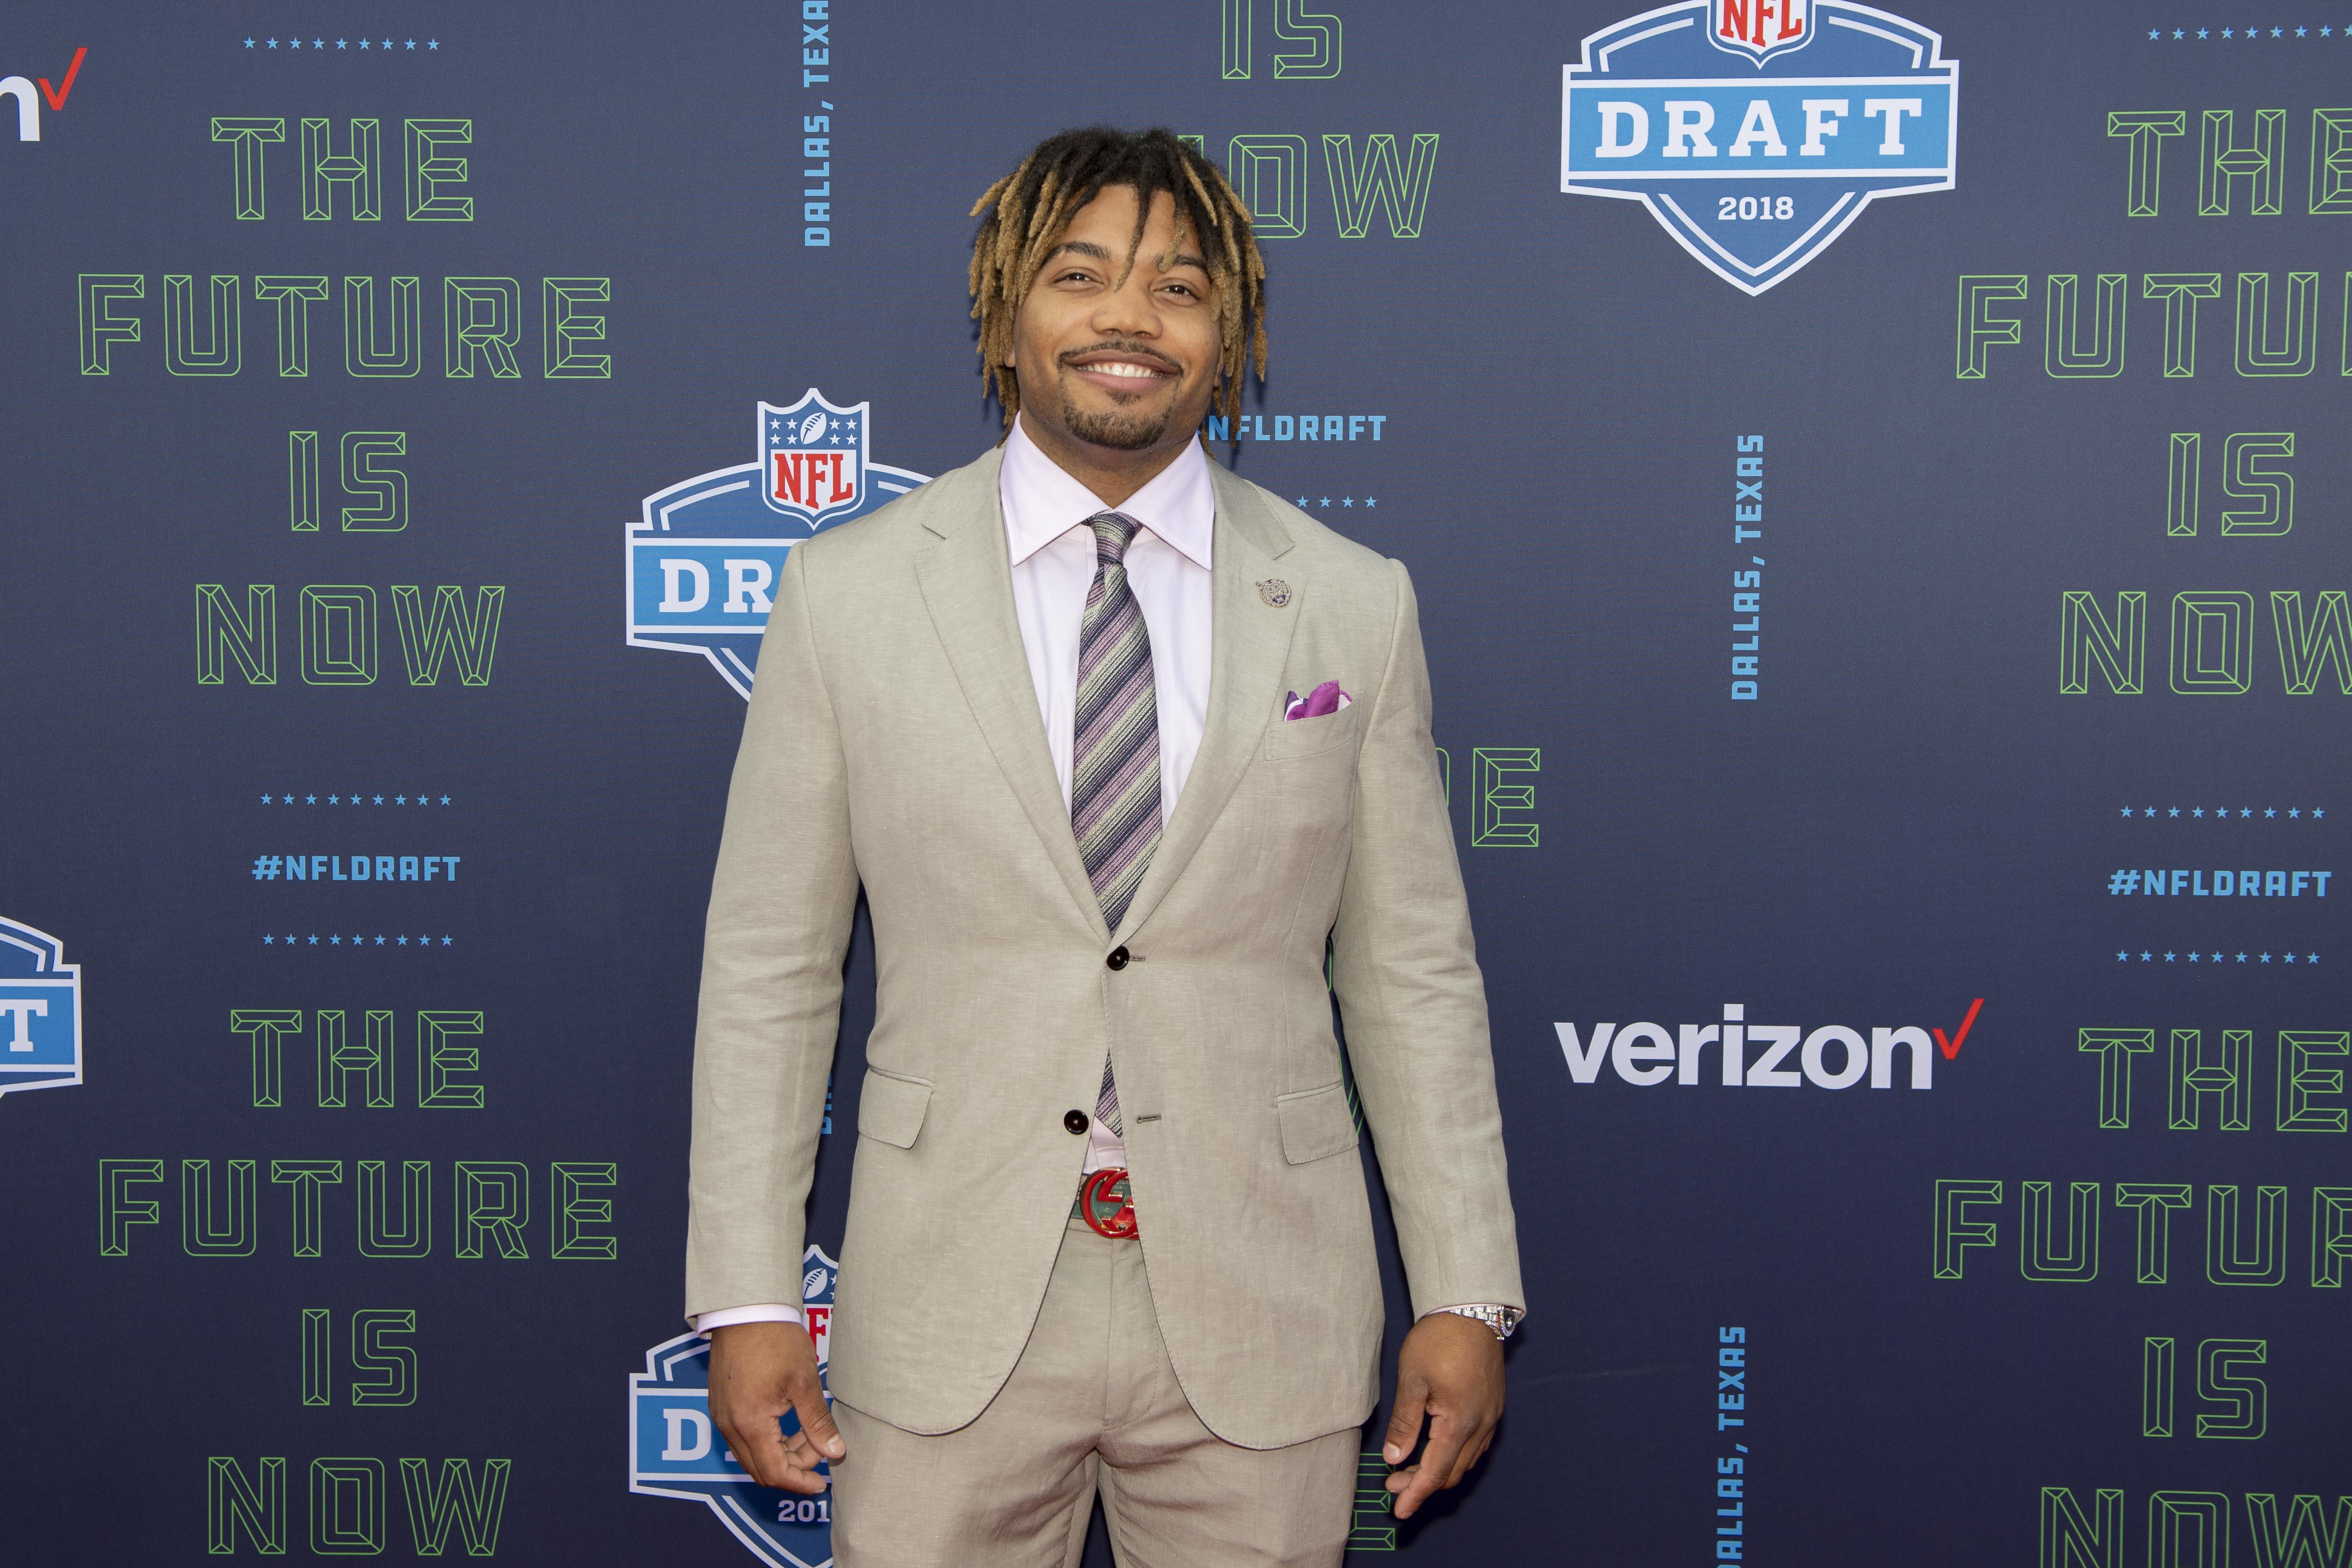 NFL: NFL Draft-Red Carpet Arrivals